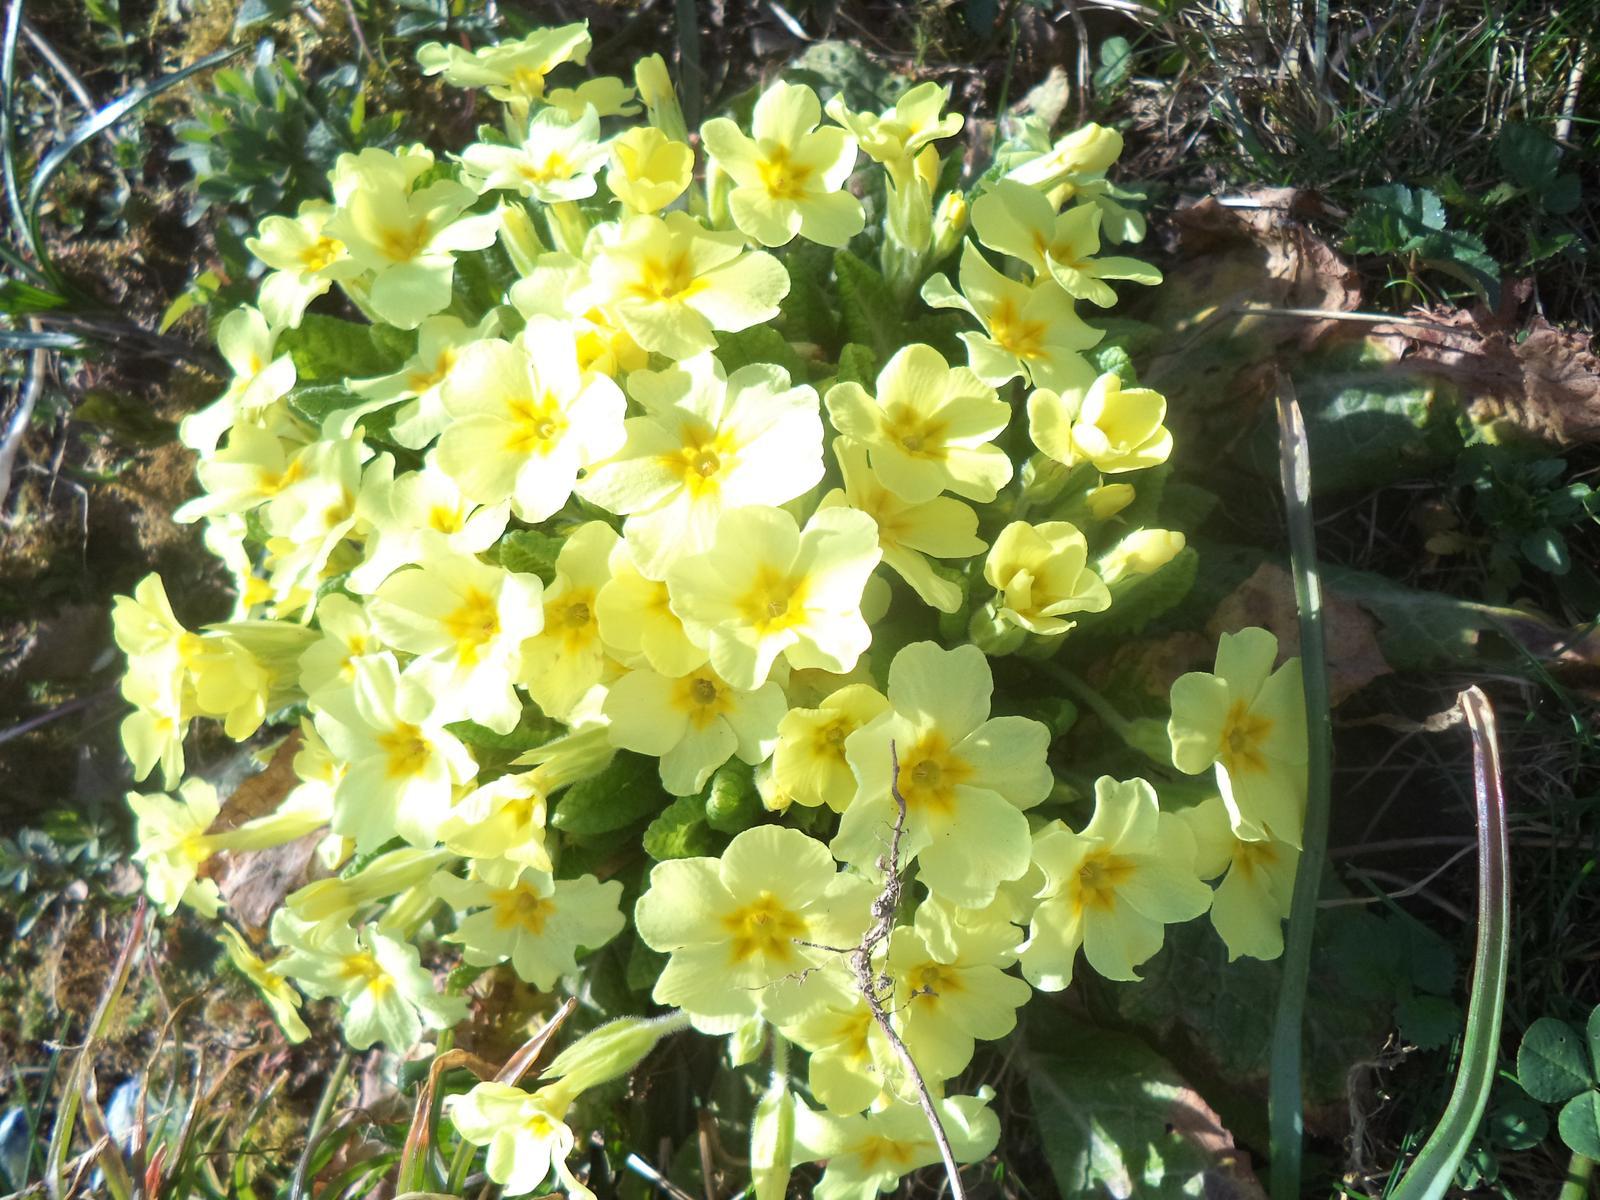 Zahrádkové - Jaro 2018... petrklíče, co jsme vloni vyrýply z trávníku od sousedky vesele kvetou...